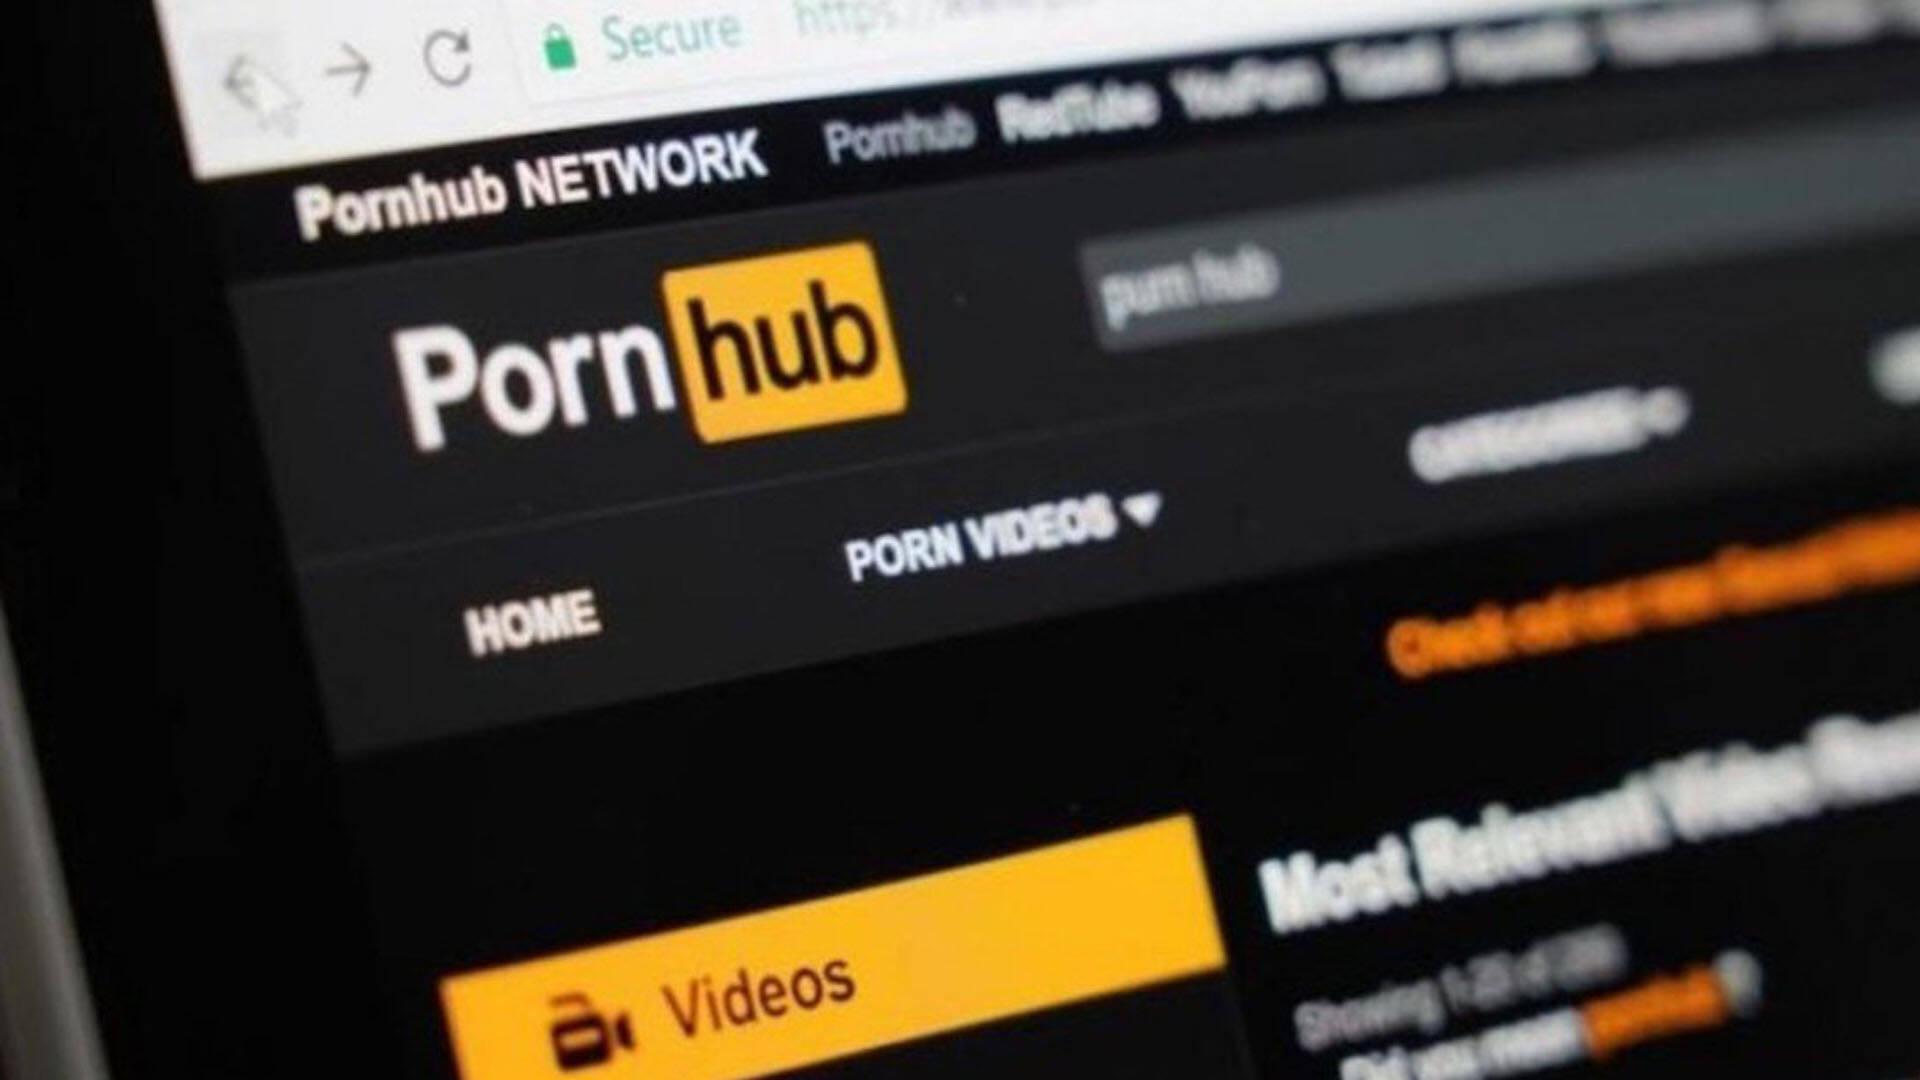 qual è il genere porno più visto in rete